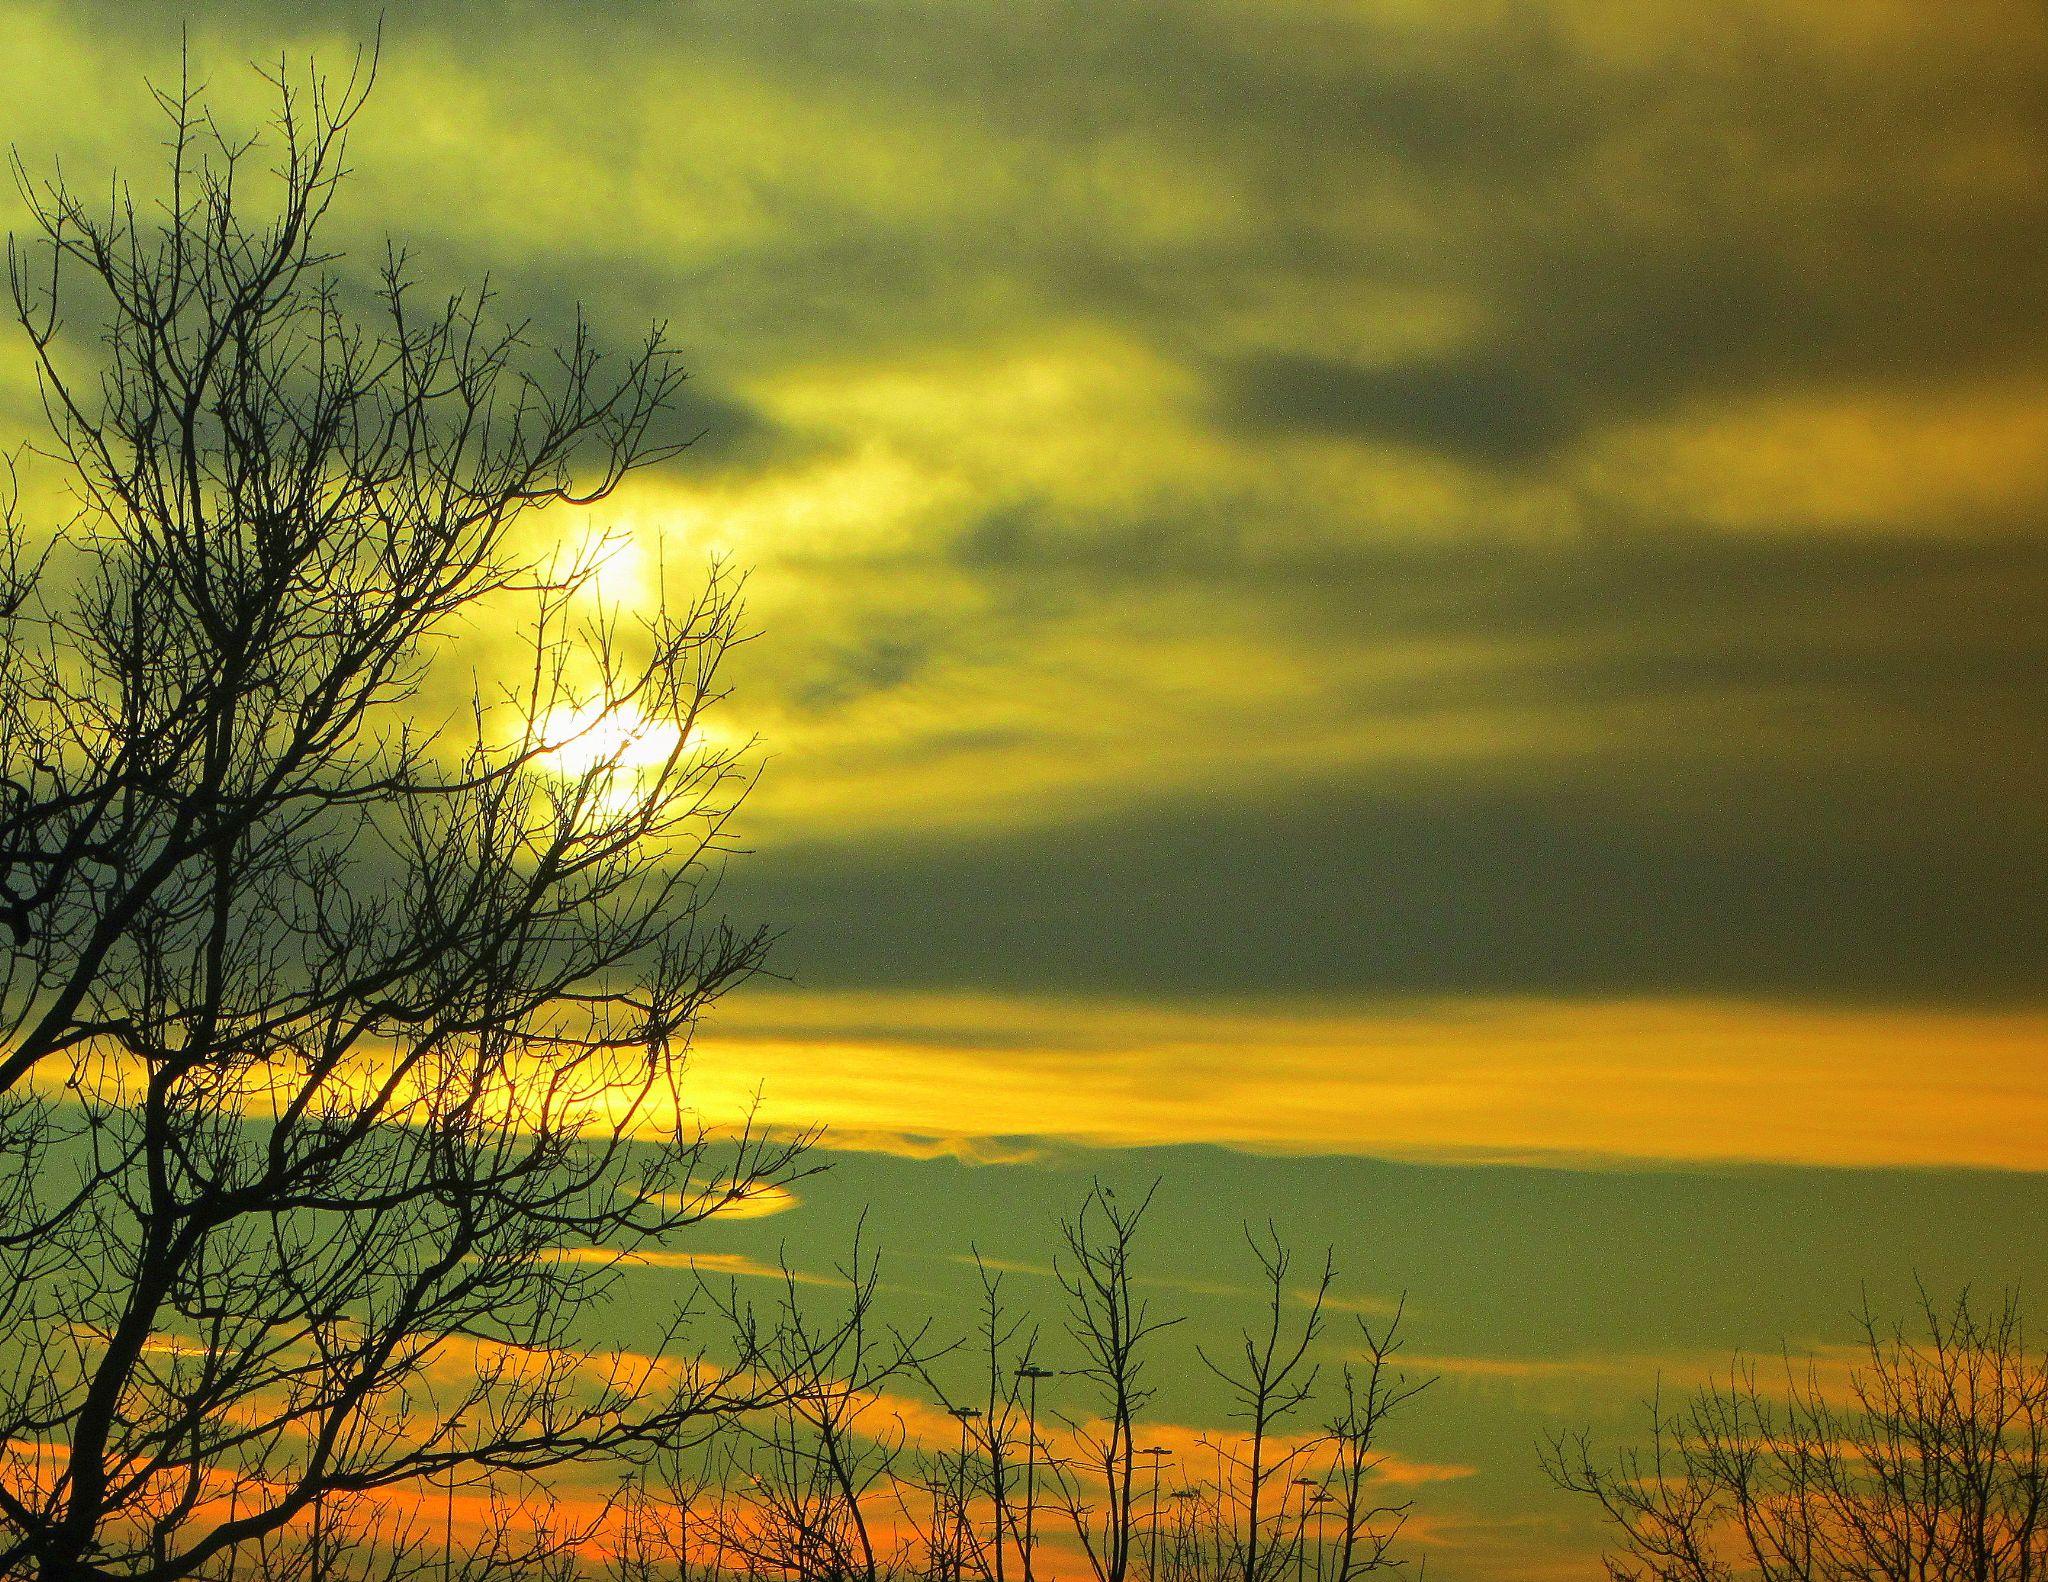 sunset by asiya.khan.921